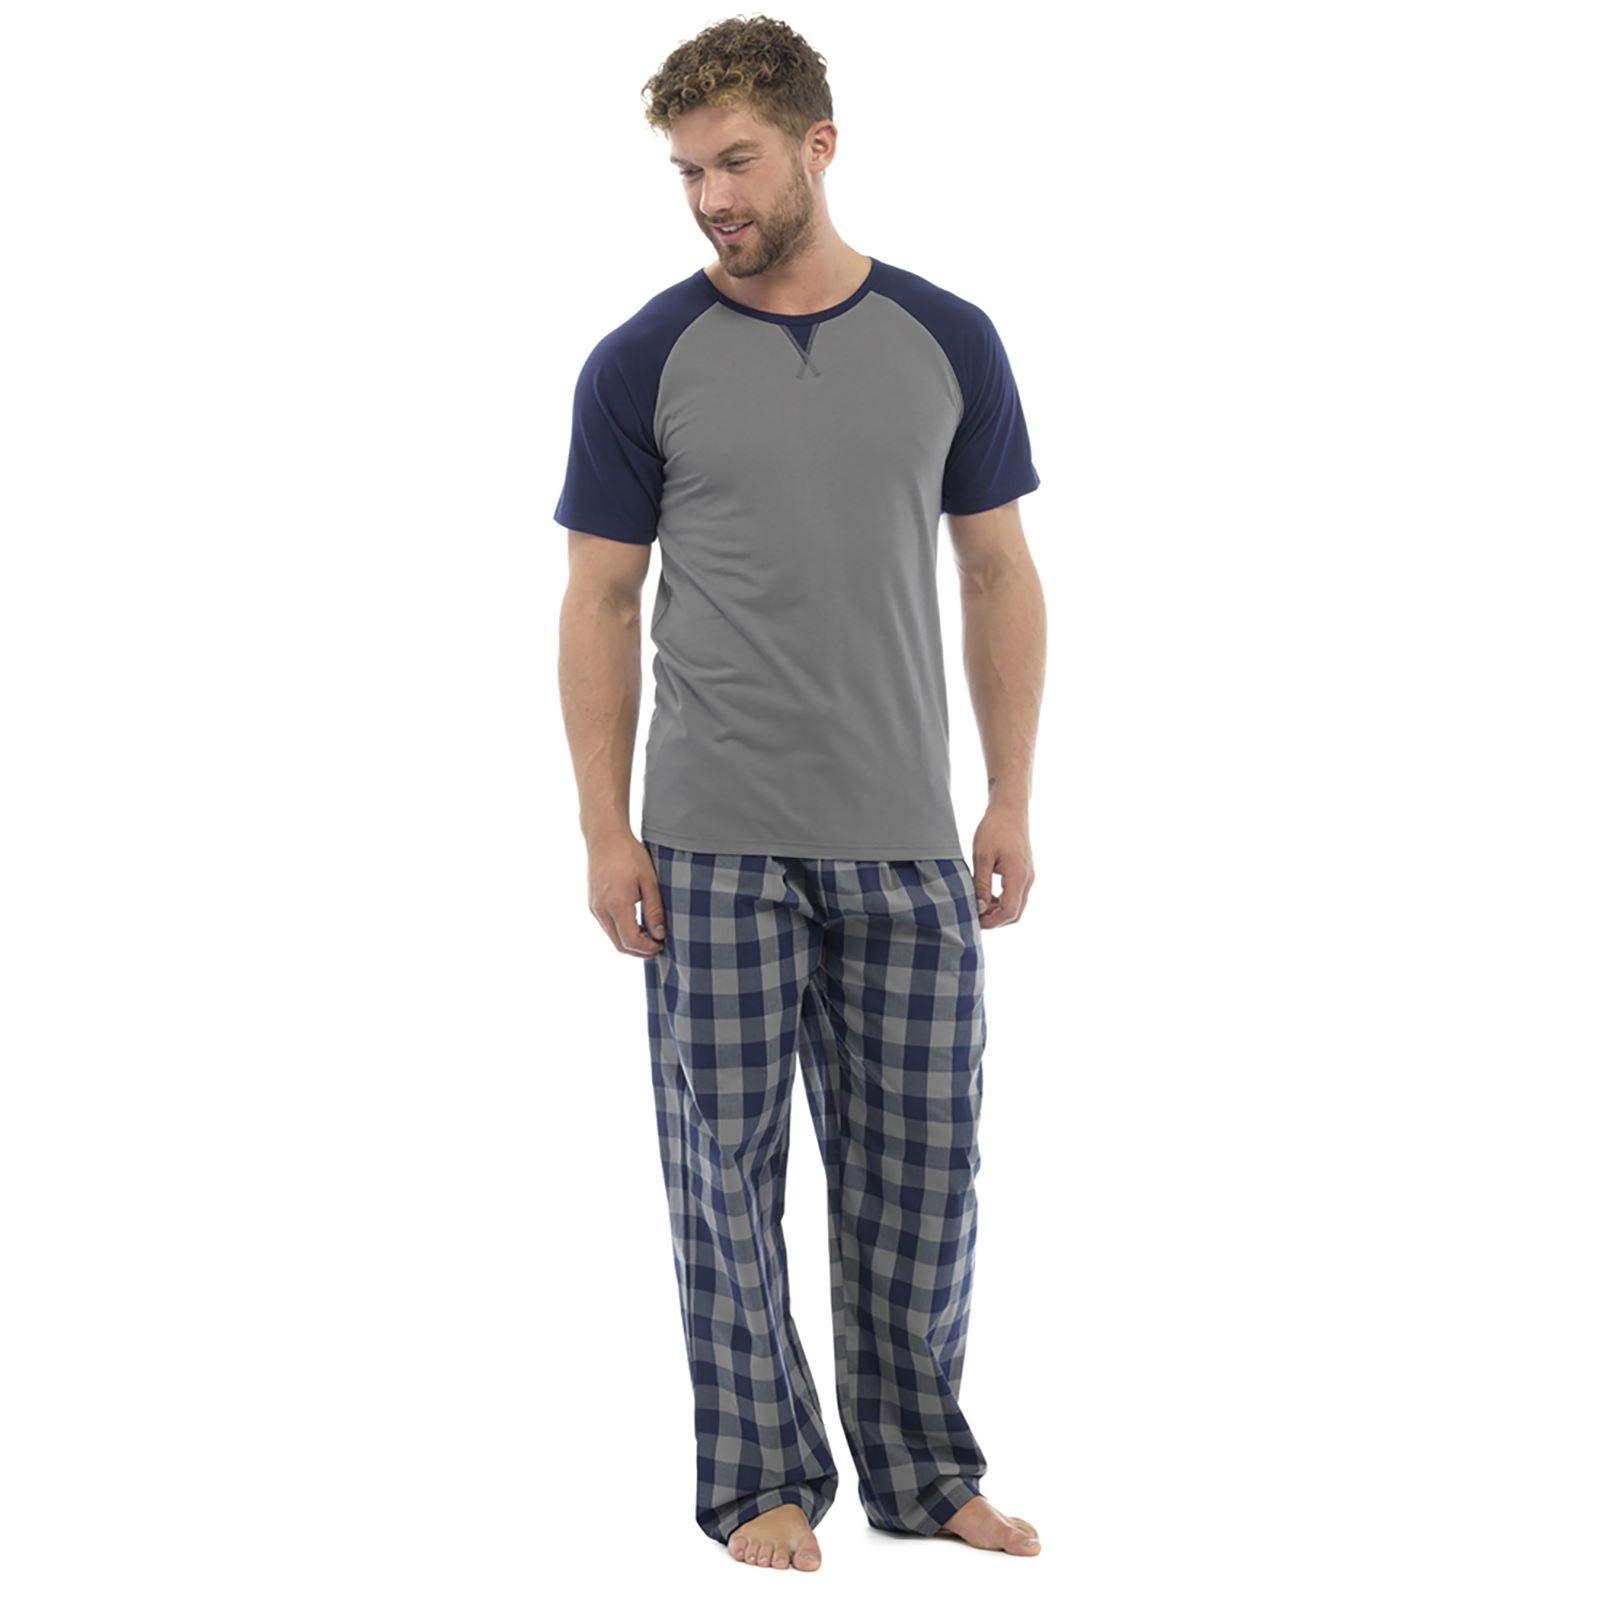 Foxbury Mens 2 Piece Pyjama Set Cotton Rich T-shirt Checked Bottoms ... 06d9d792a